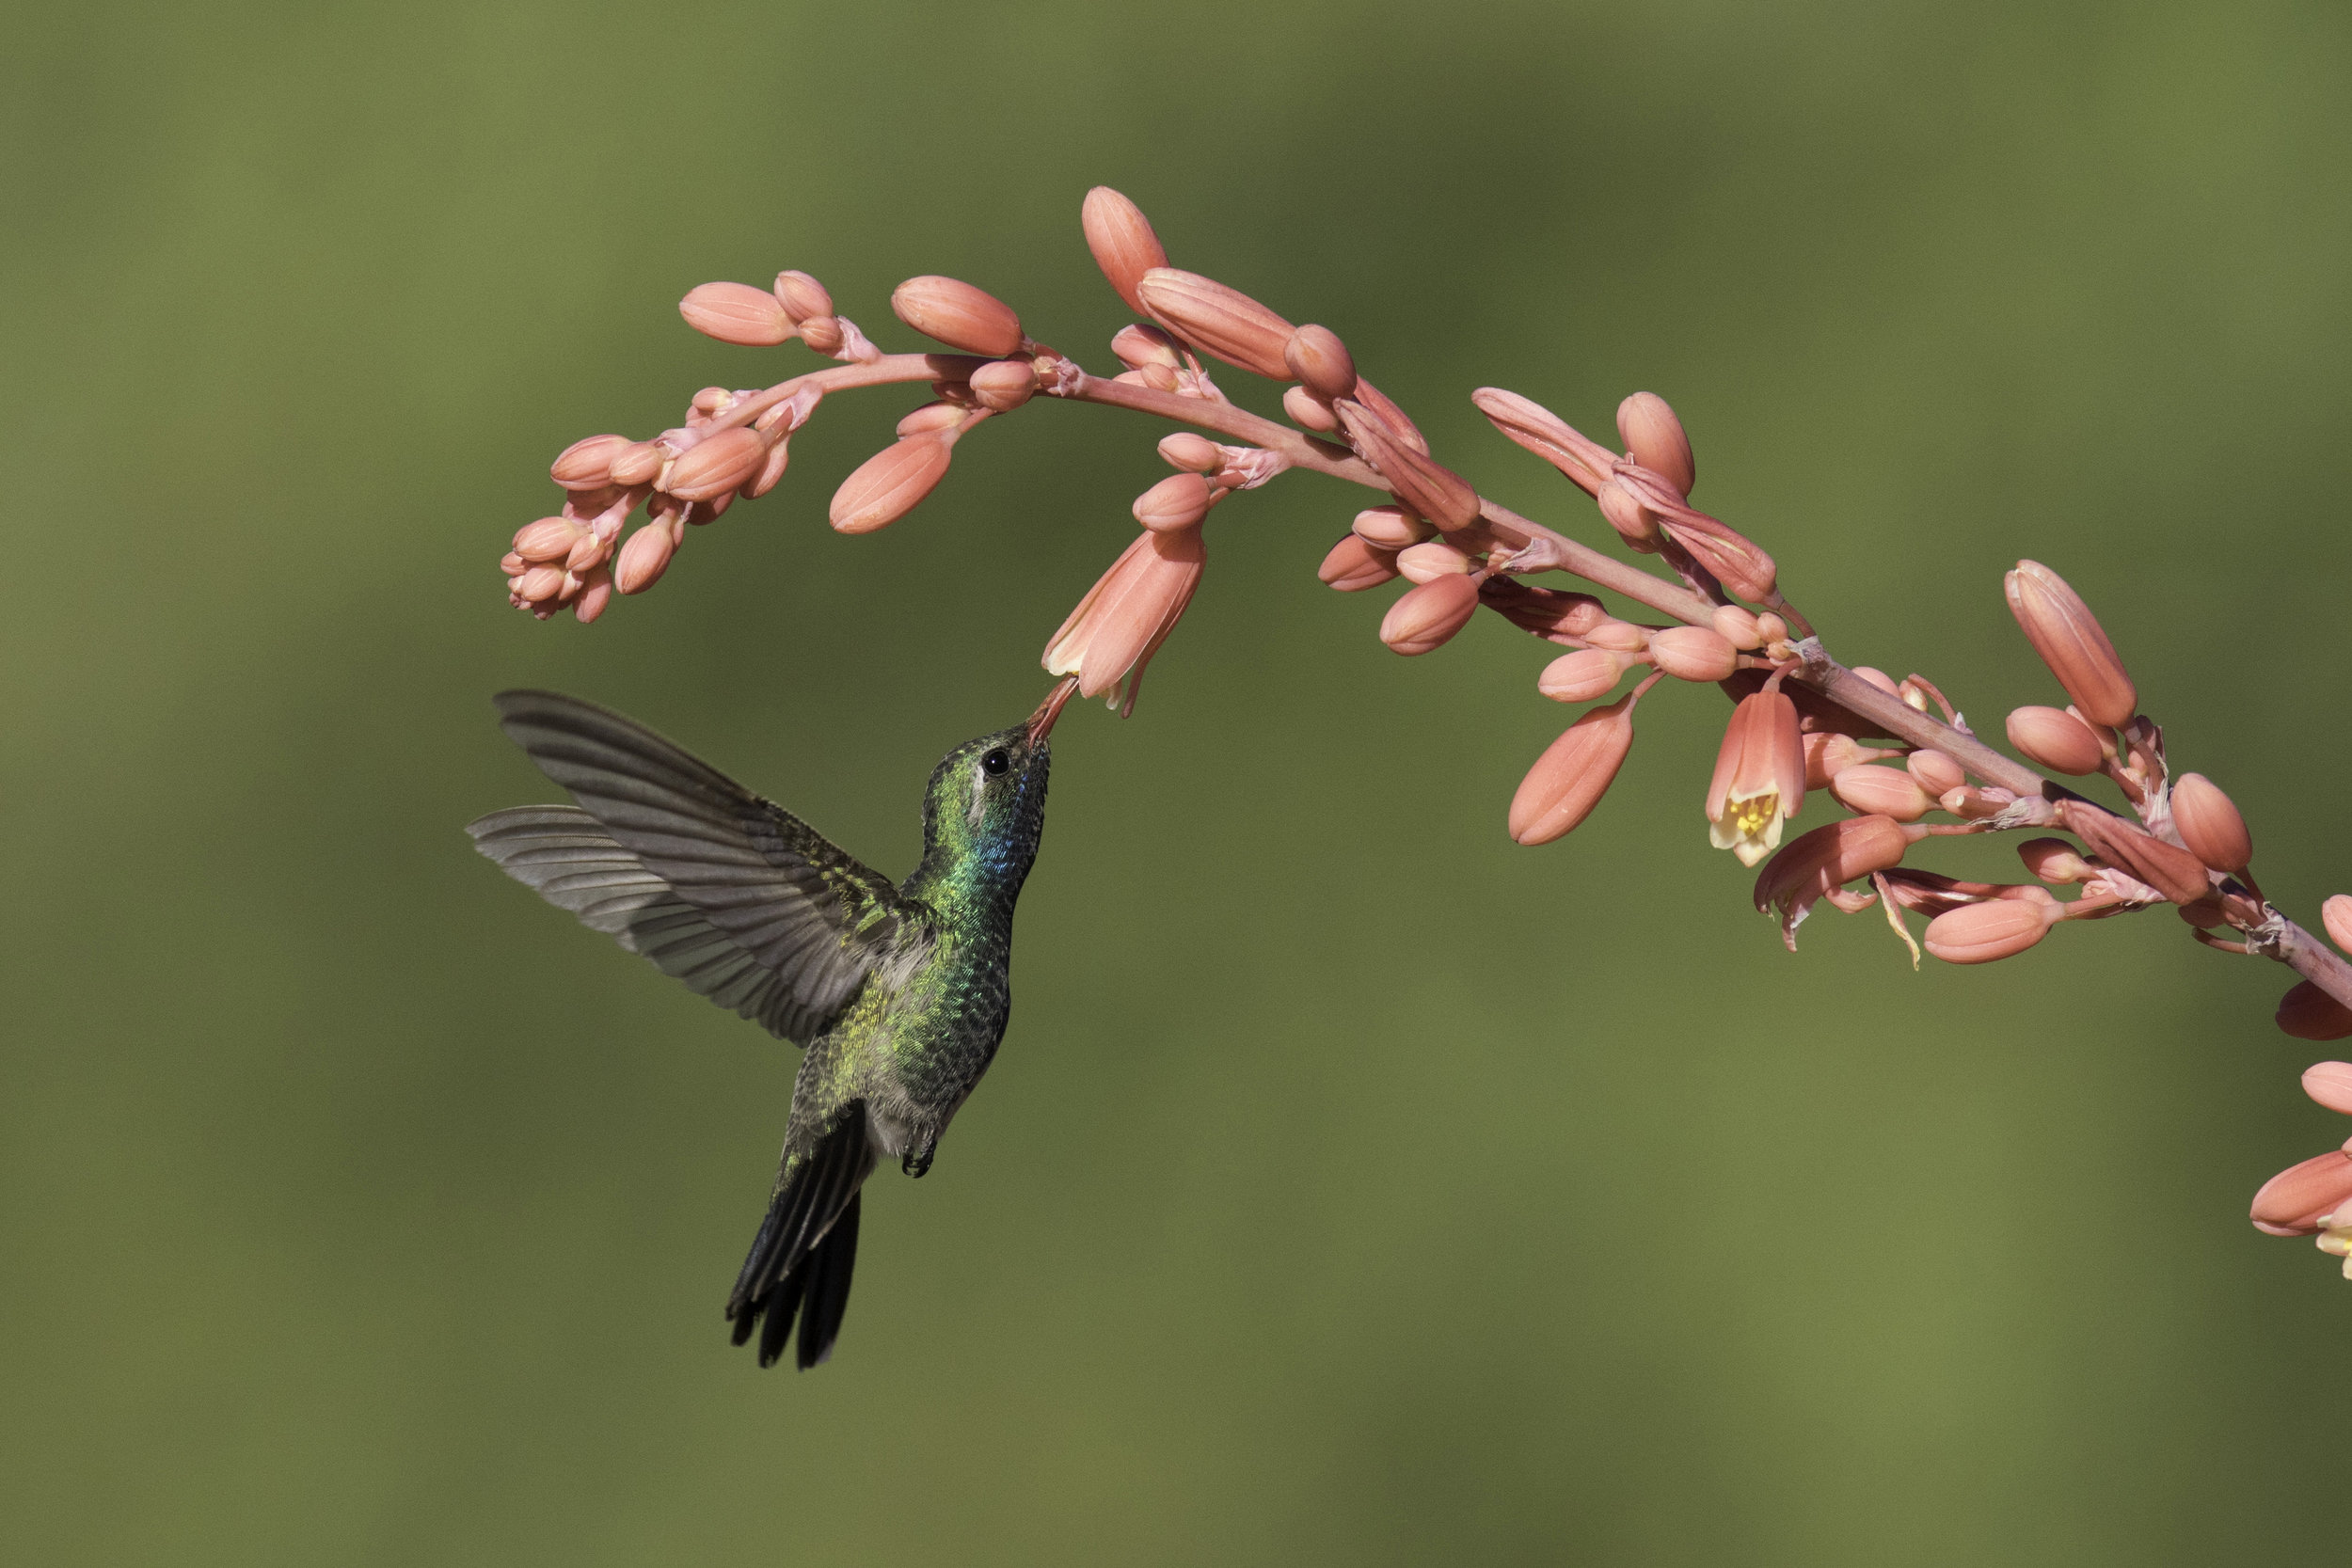 broad-billed_hummingbird_C76A9798b copy.jpg